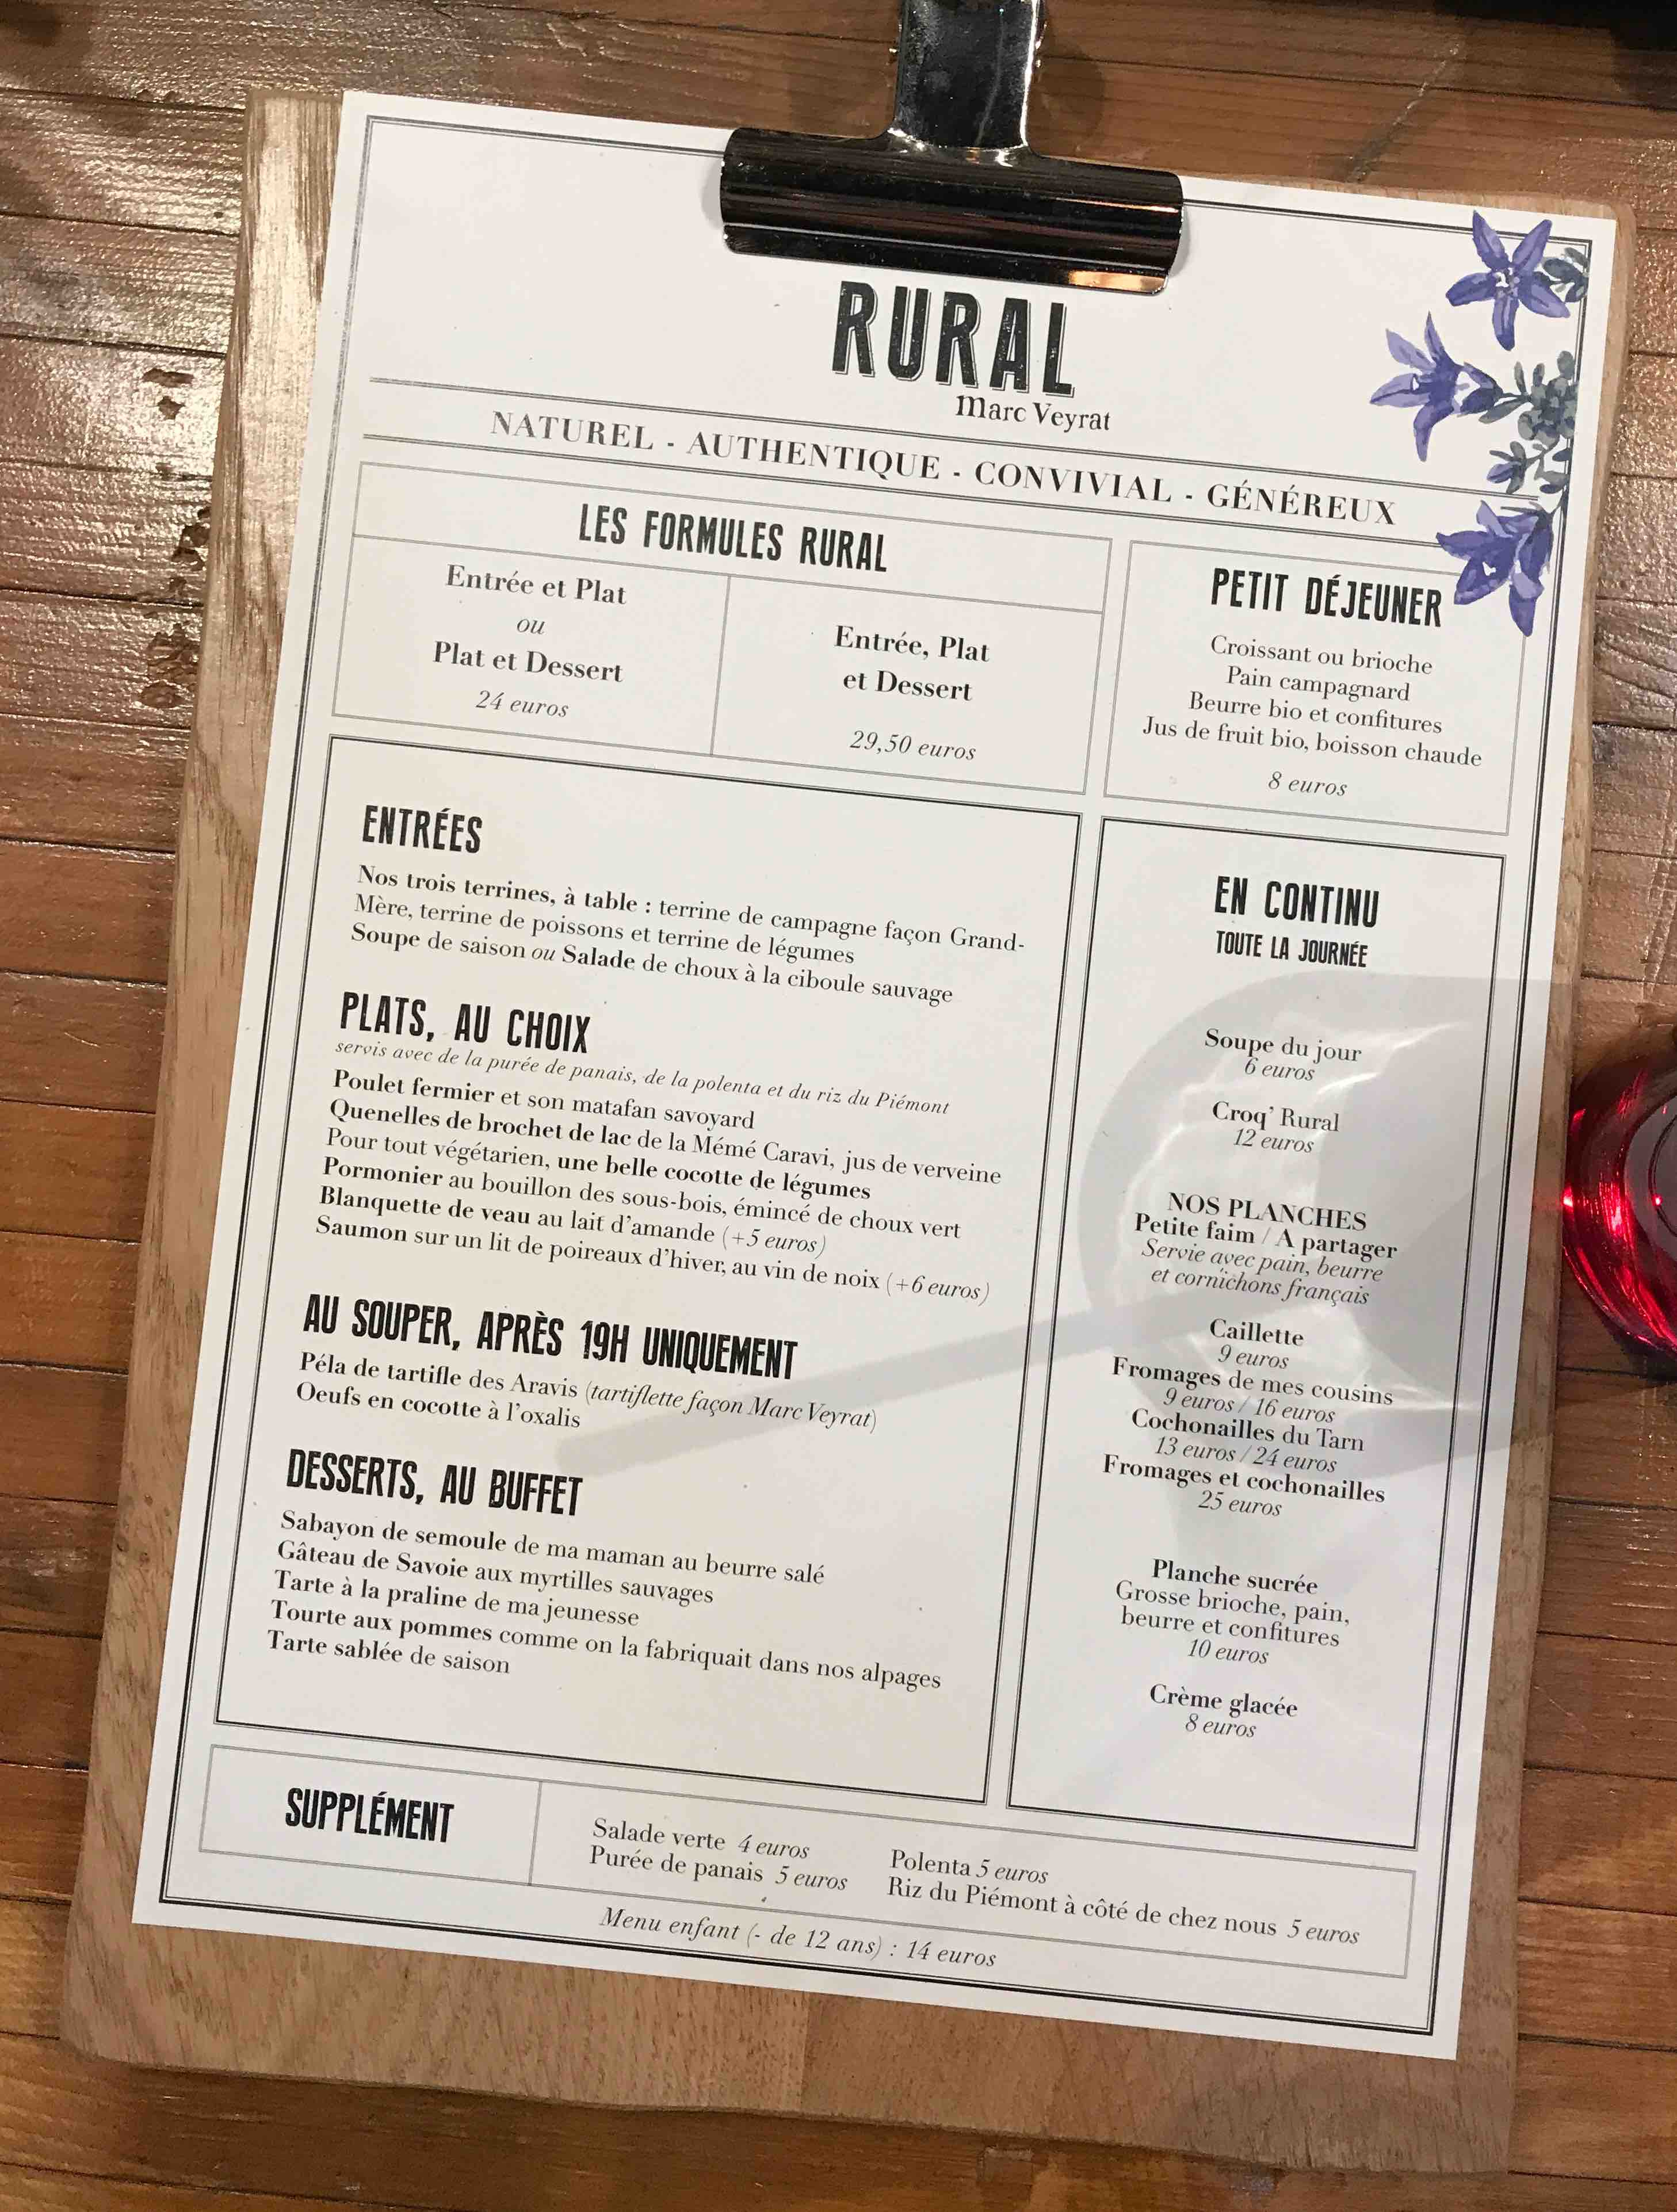 rural-marc-veyrat-la-revue-y-6